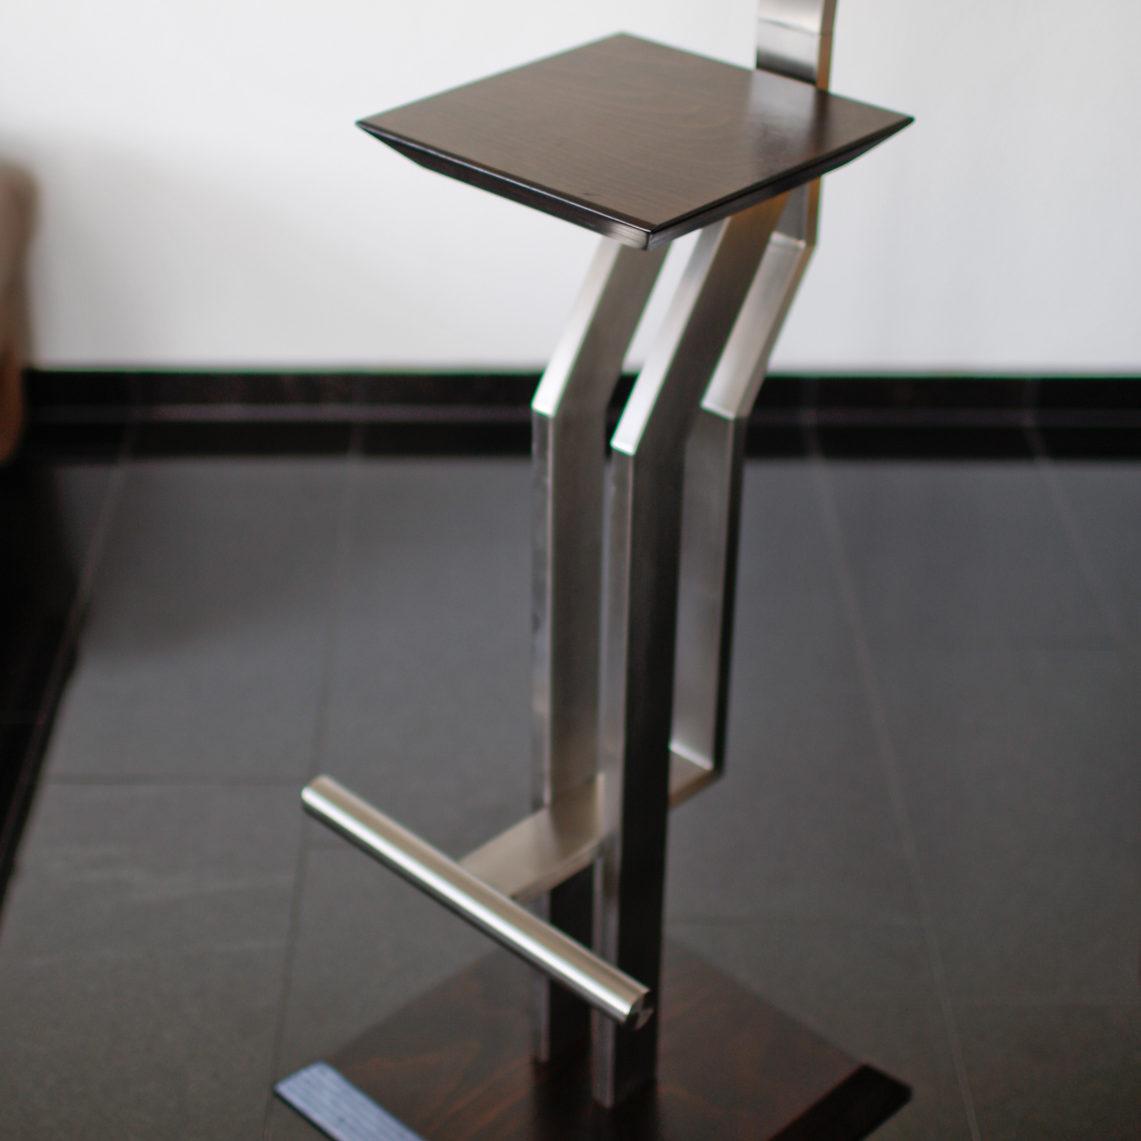 Designer-Hocker-aus-Edelstahl-und-Holz-(Holzart-und-die-Höhe-wählbar)